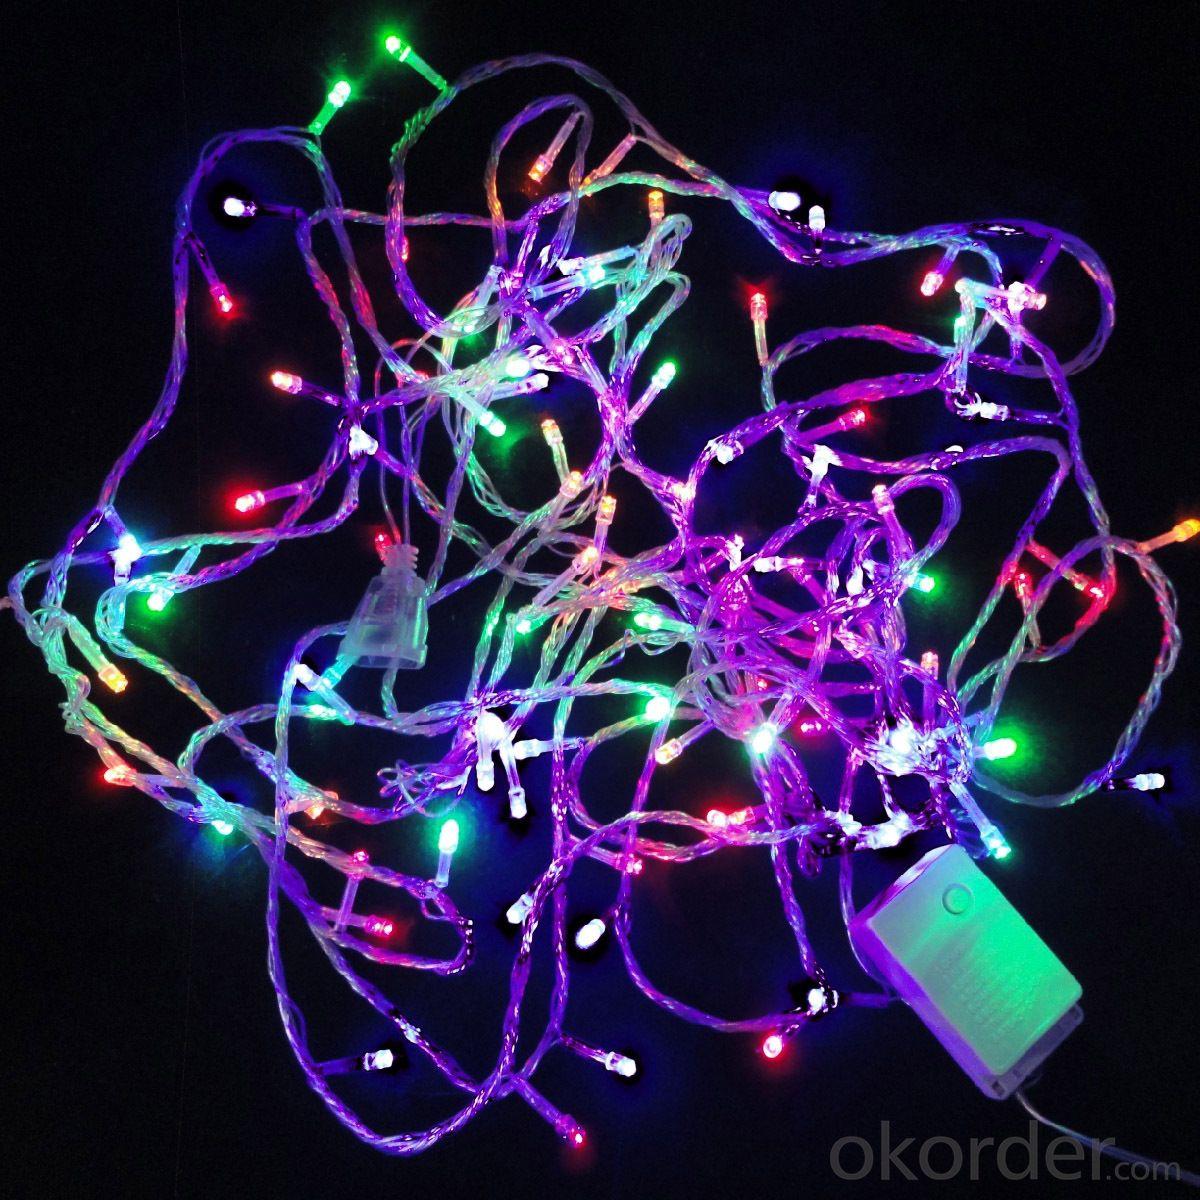 Holiday  LED Christmas Light Traditional Decorations Party Decorations Christmas Lights LED